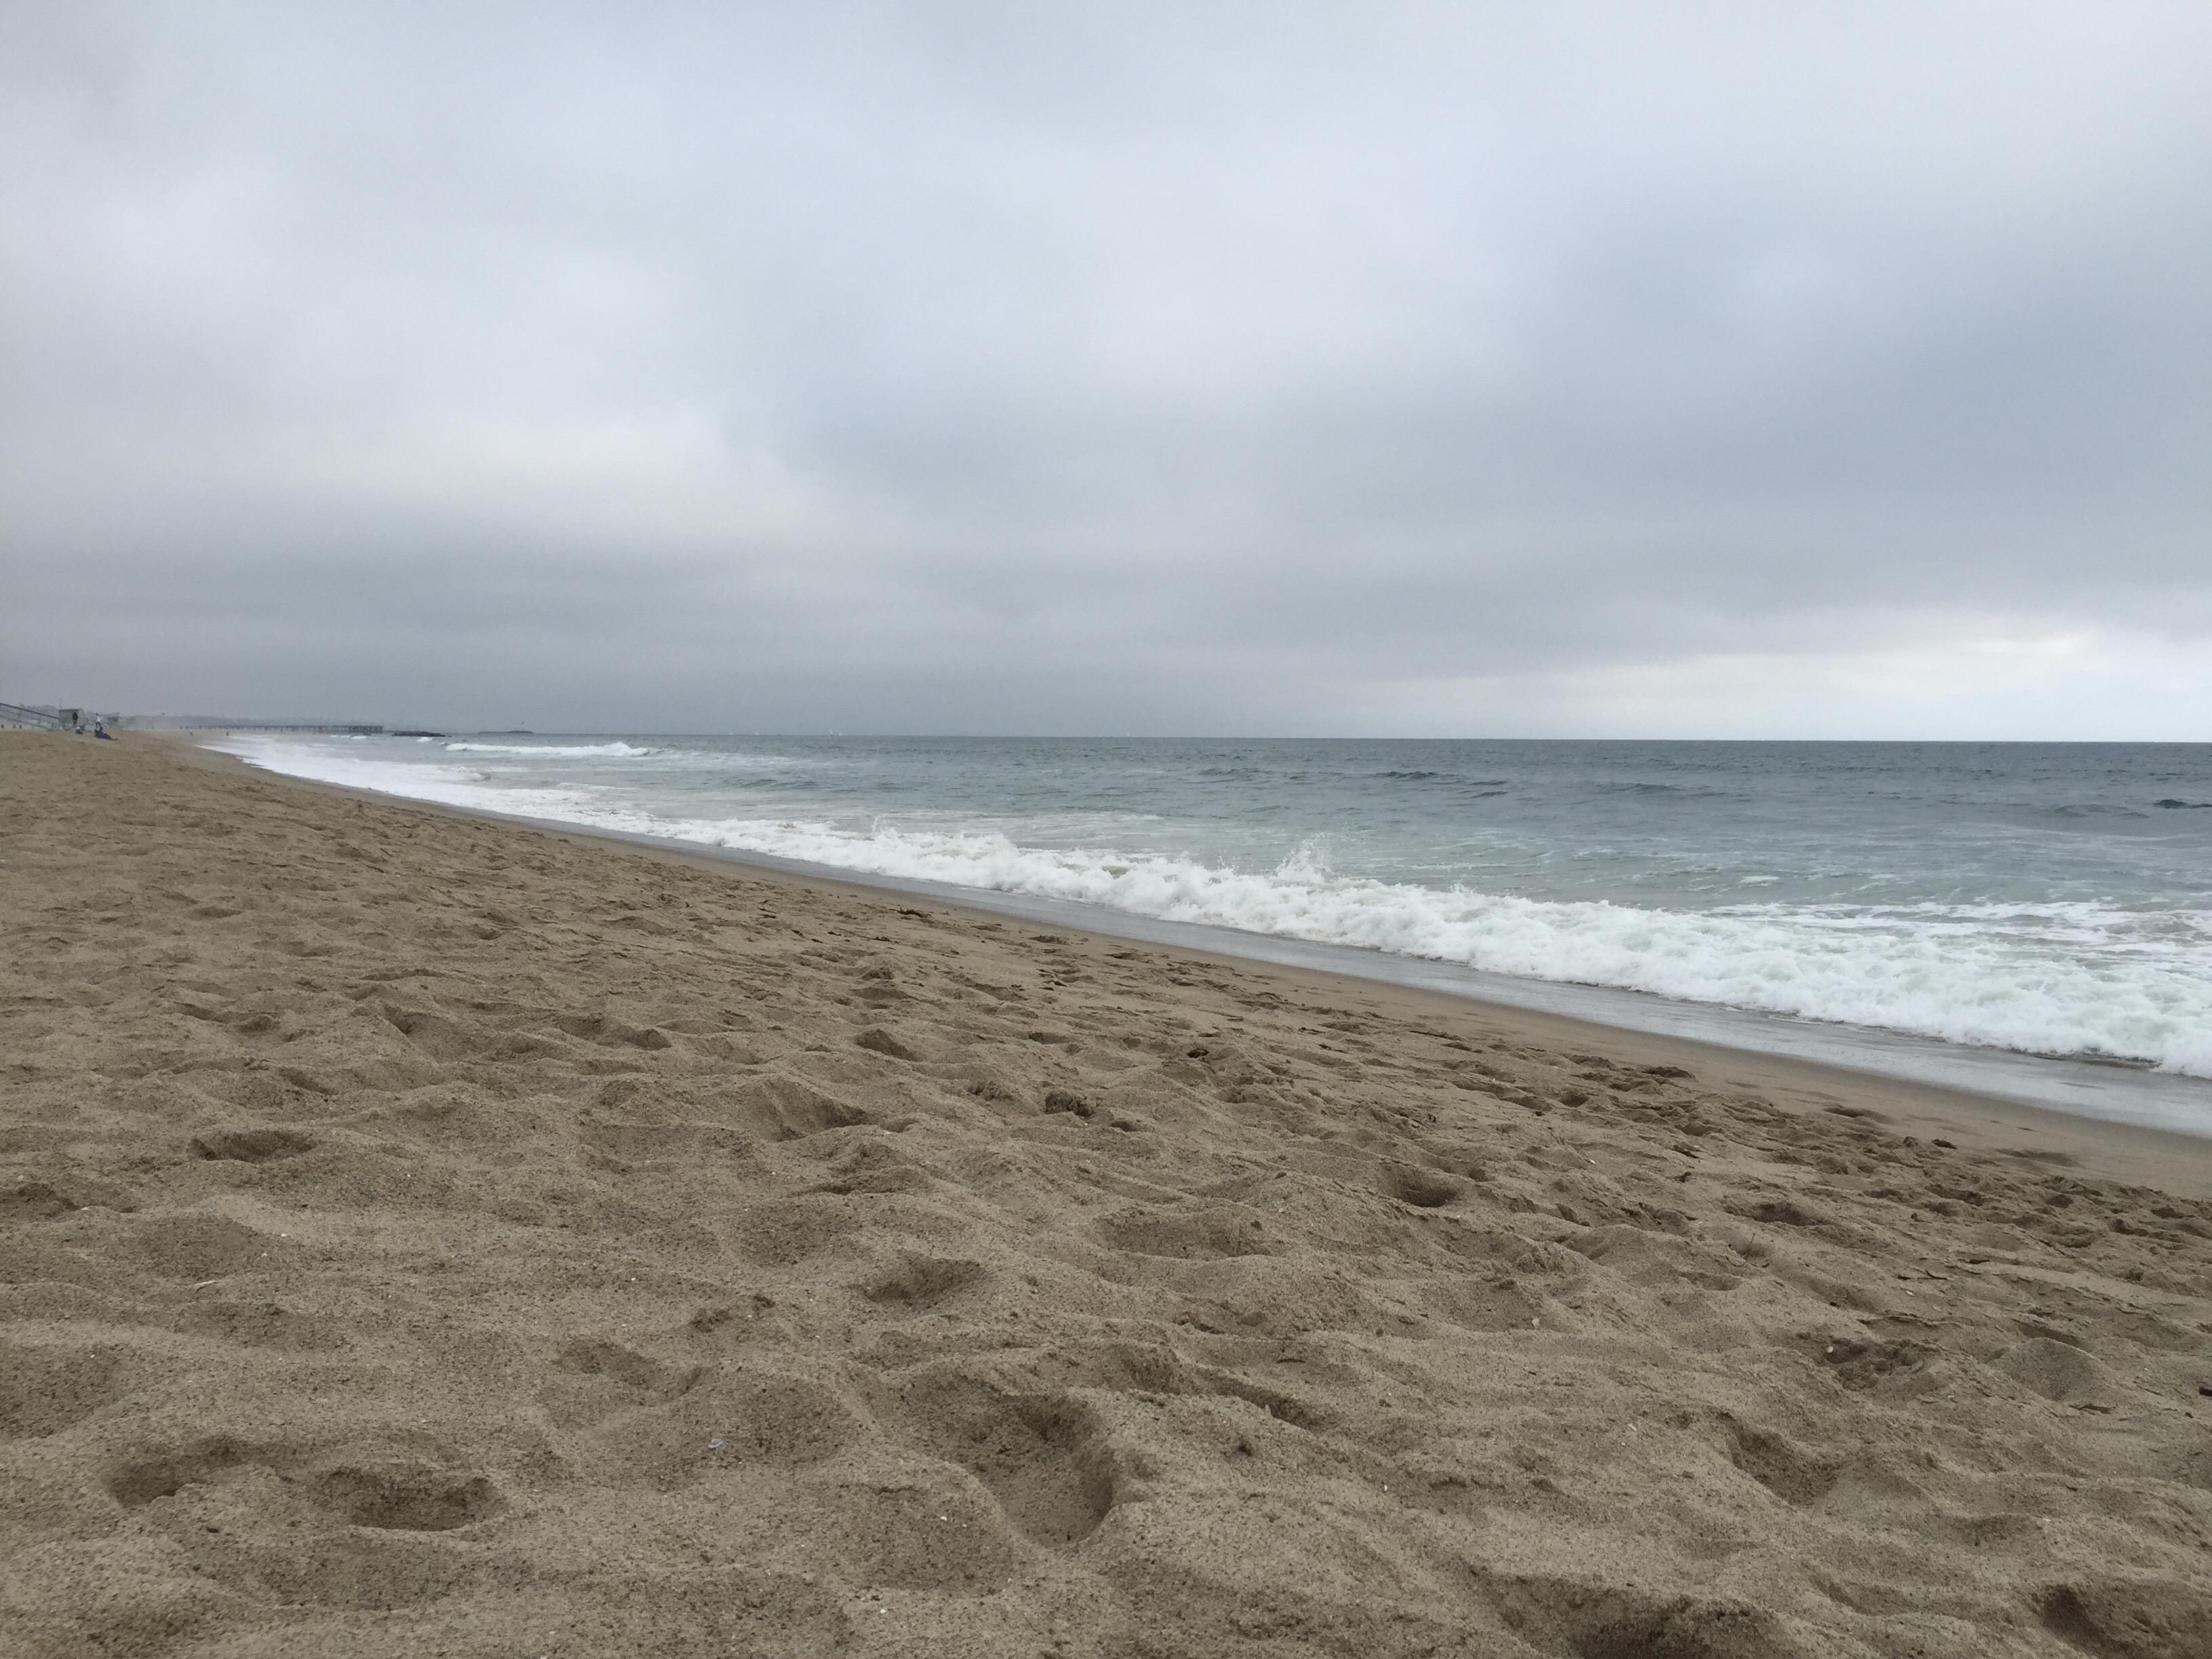 cloudy beach | grace hj jung